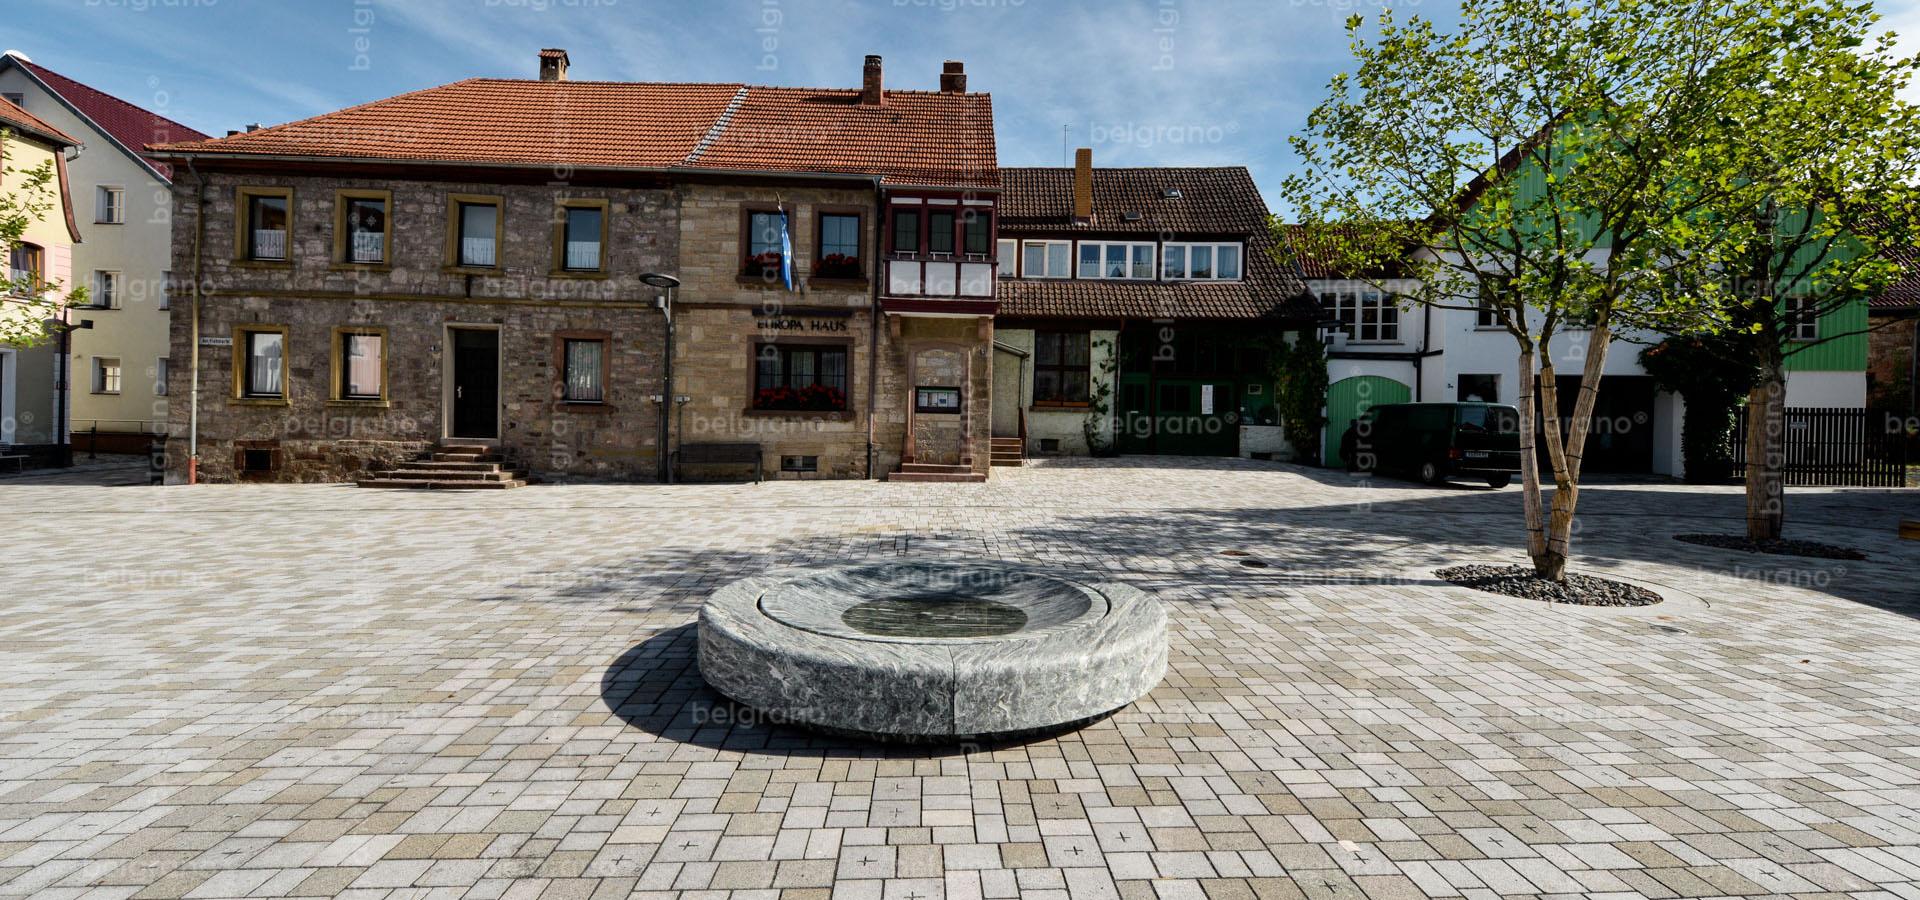 Viehmarkt in Hammelburg mit belgrano® Naturstein Gravursteinen aus Granit und einem Brunnen aus Gneis